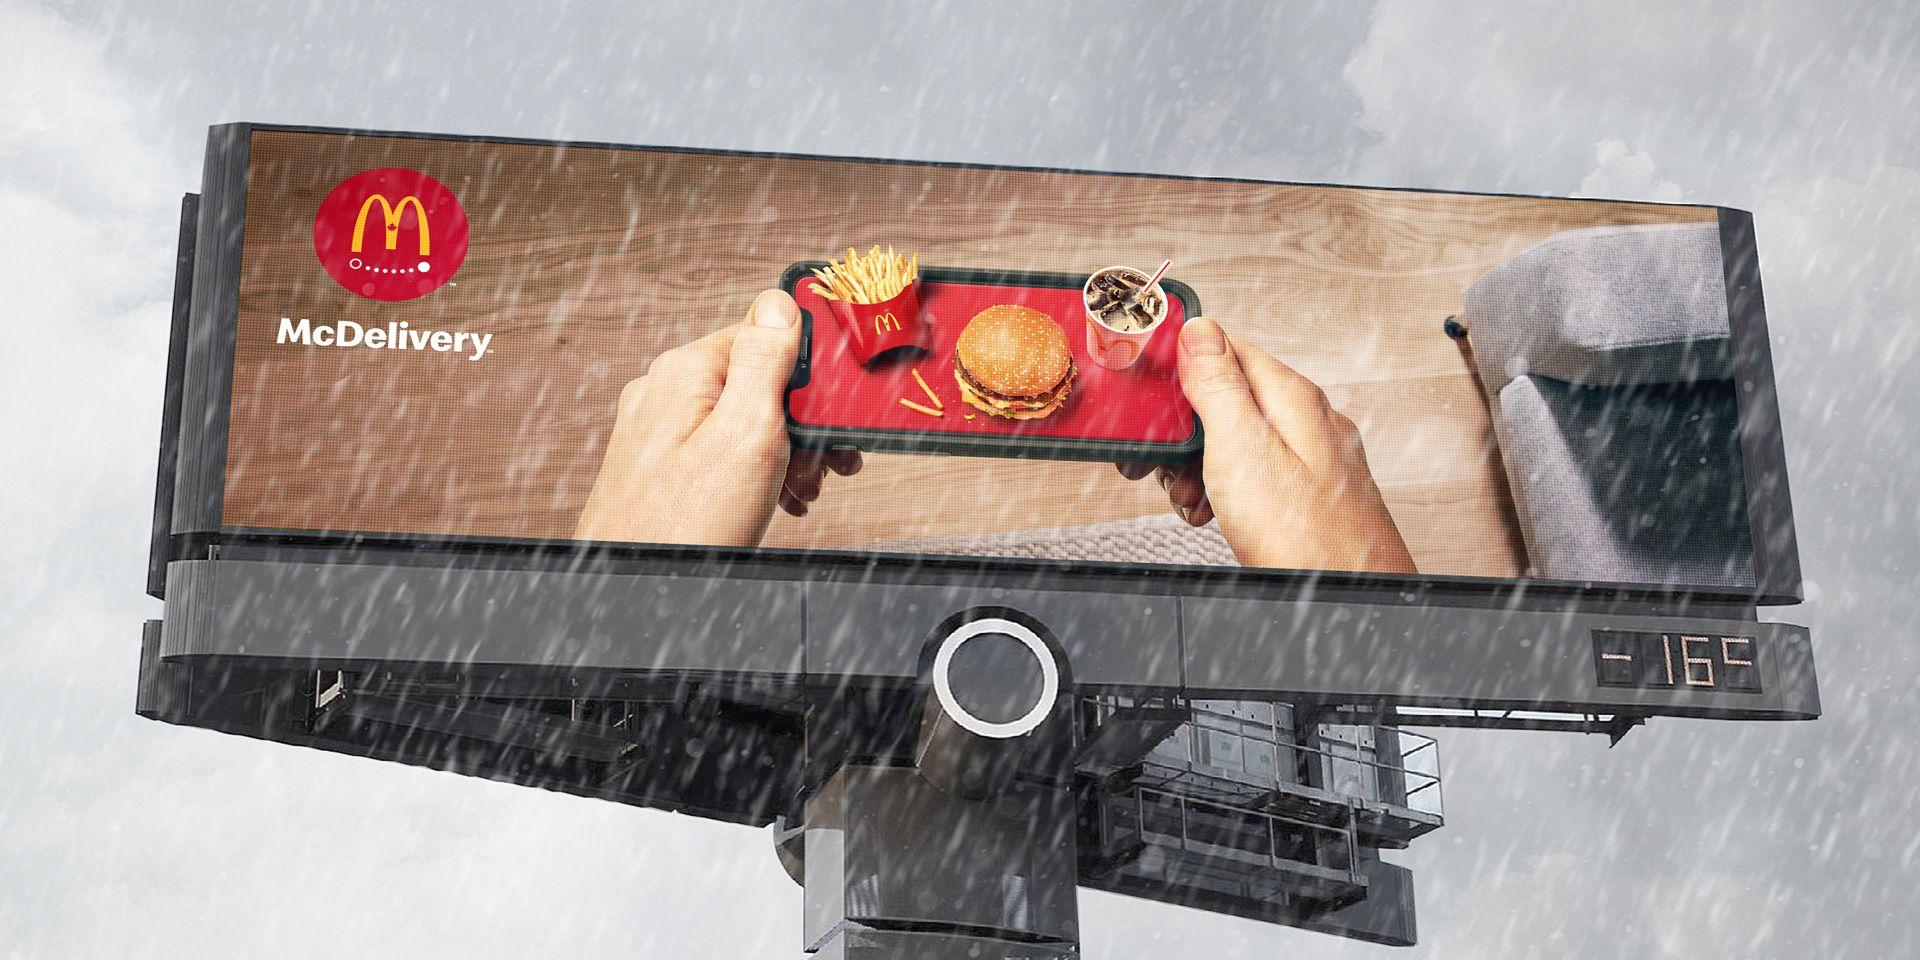 Image de la campagne de livraison de McDonald's sur un panneau d'affichage en hiver.